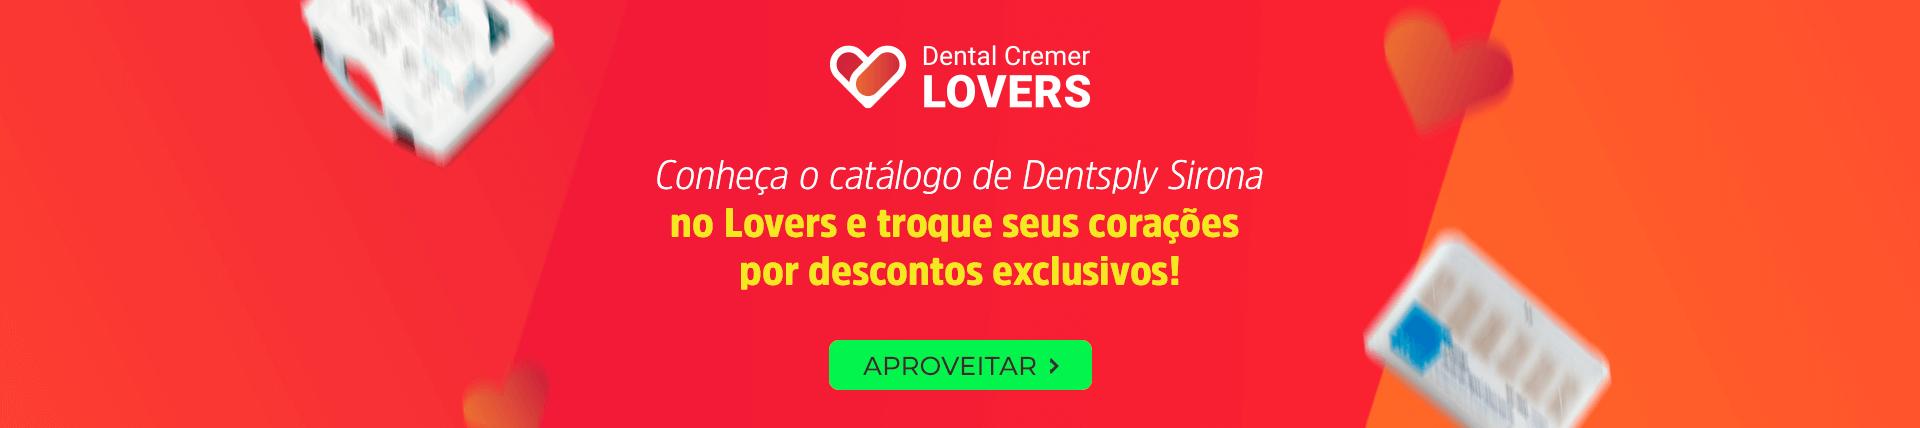 Densplty Sirona com melhores preços e descontos exclusivos   Dental Cremer